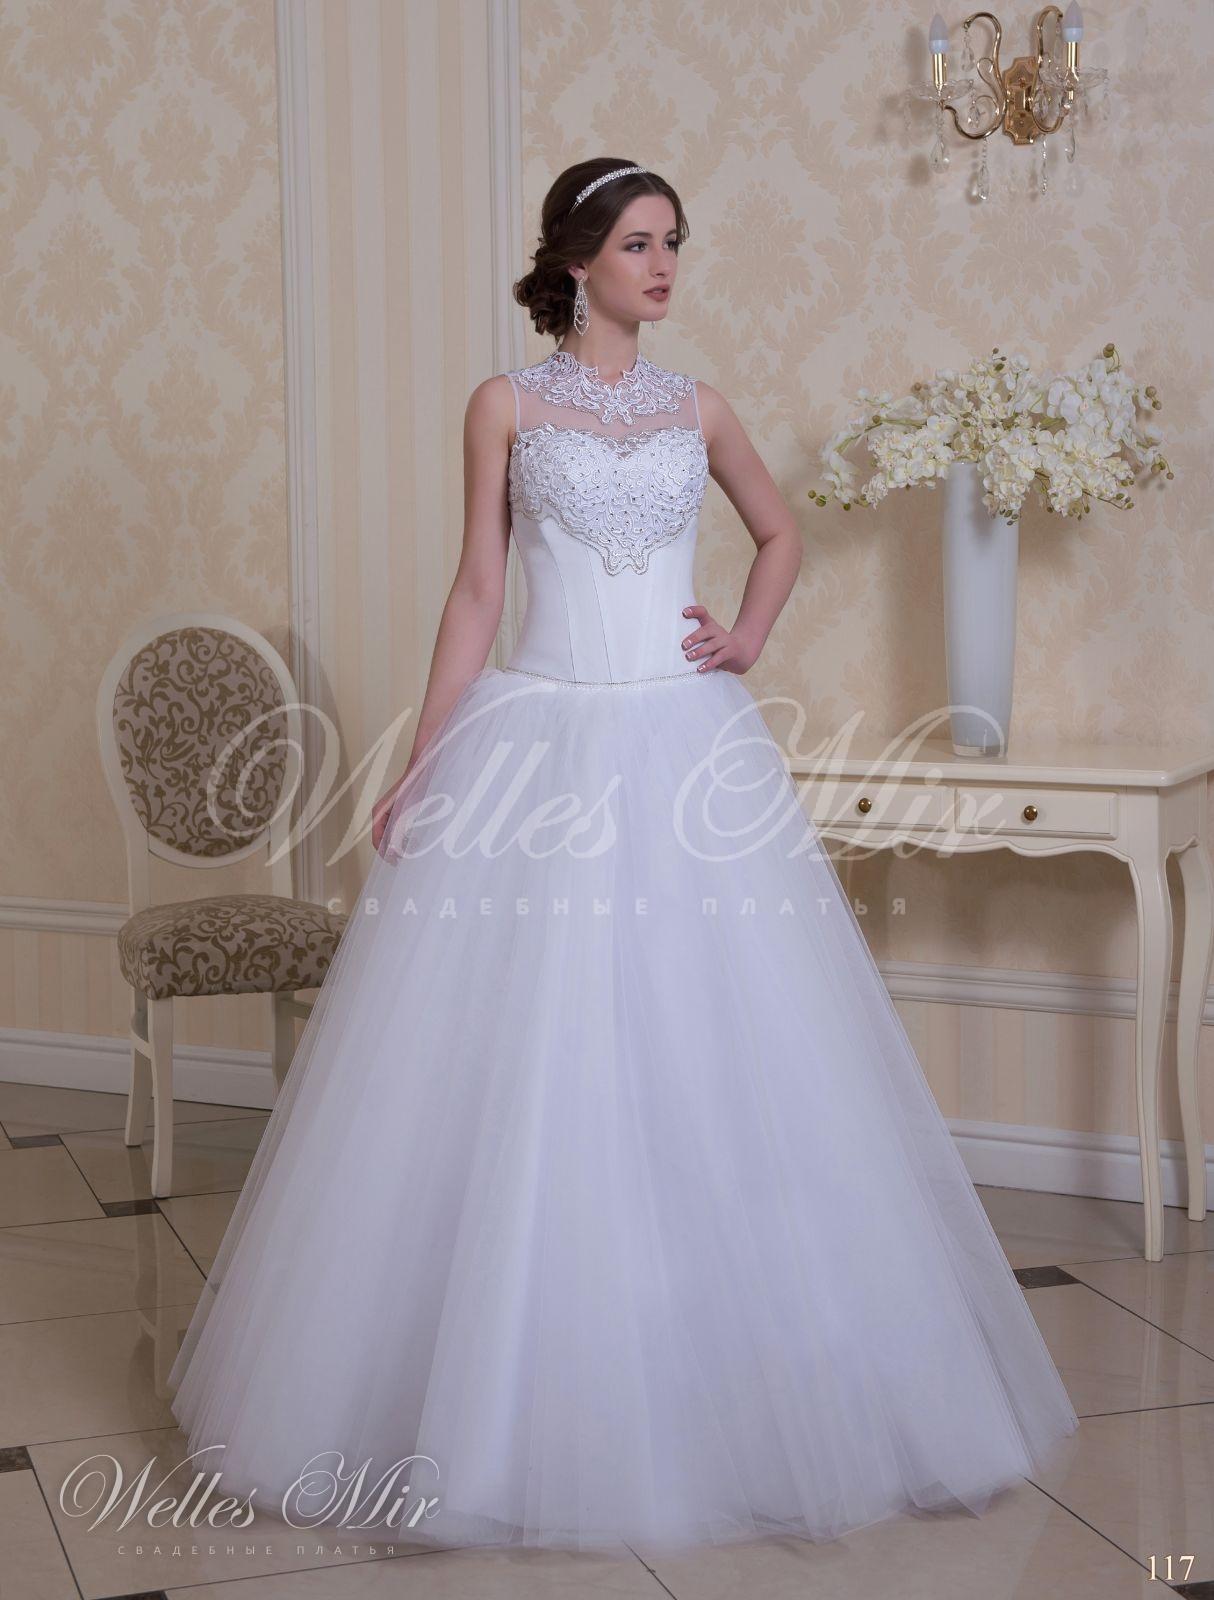 Свадебные платья Charming Elegance - 117